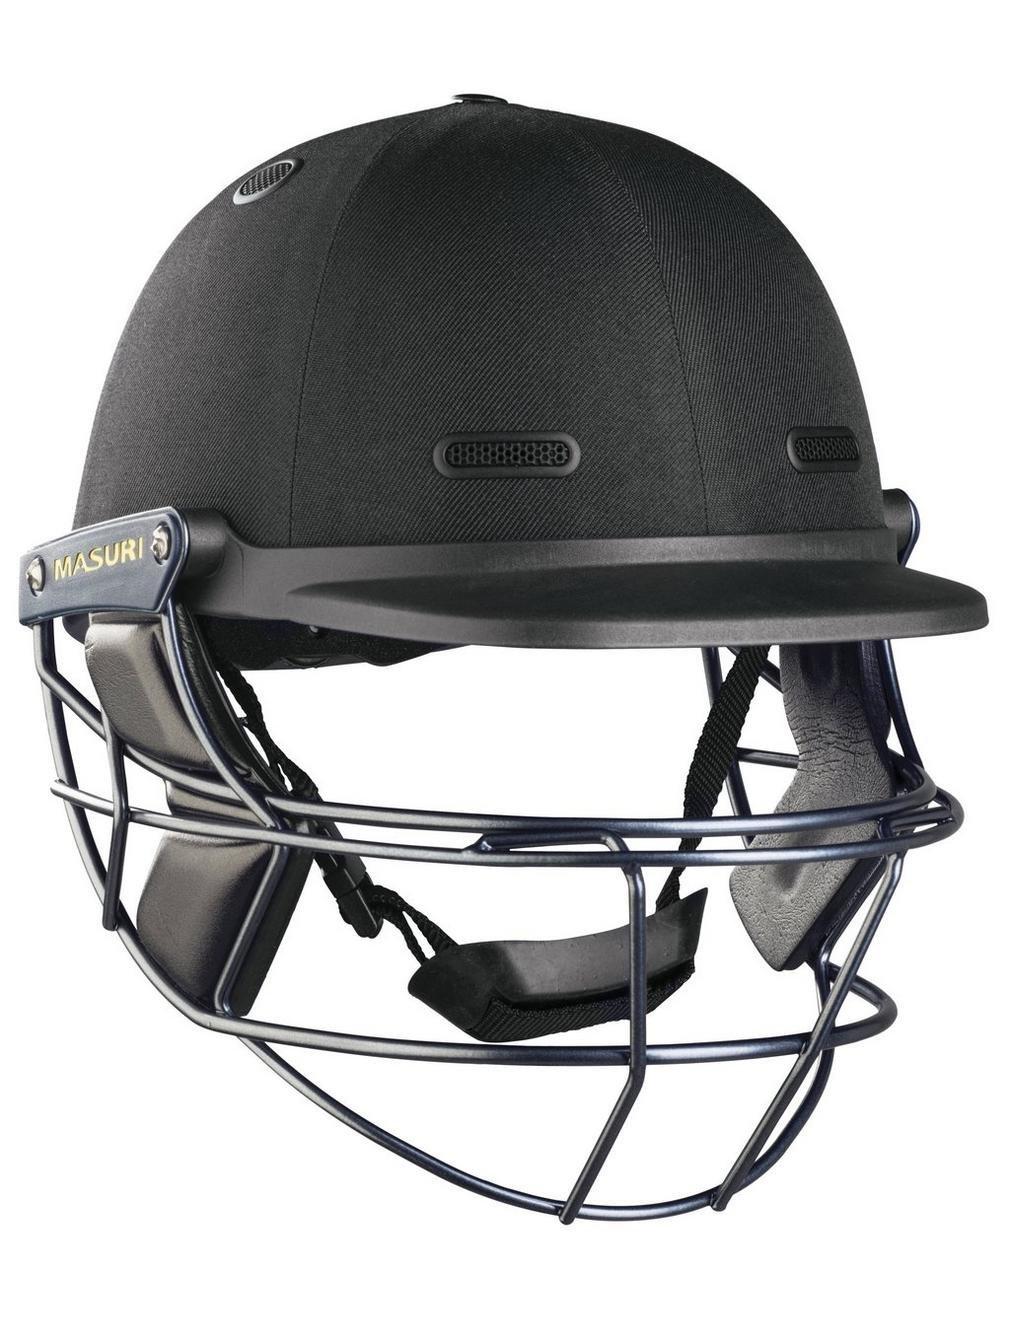 Masuri M-VSTSSB Vision Series Test Steel Cricket Helmet